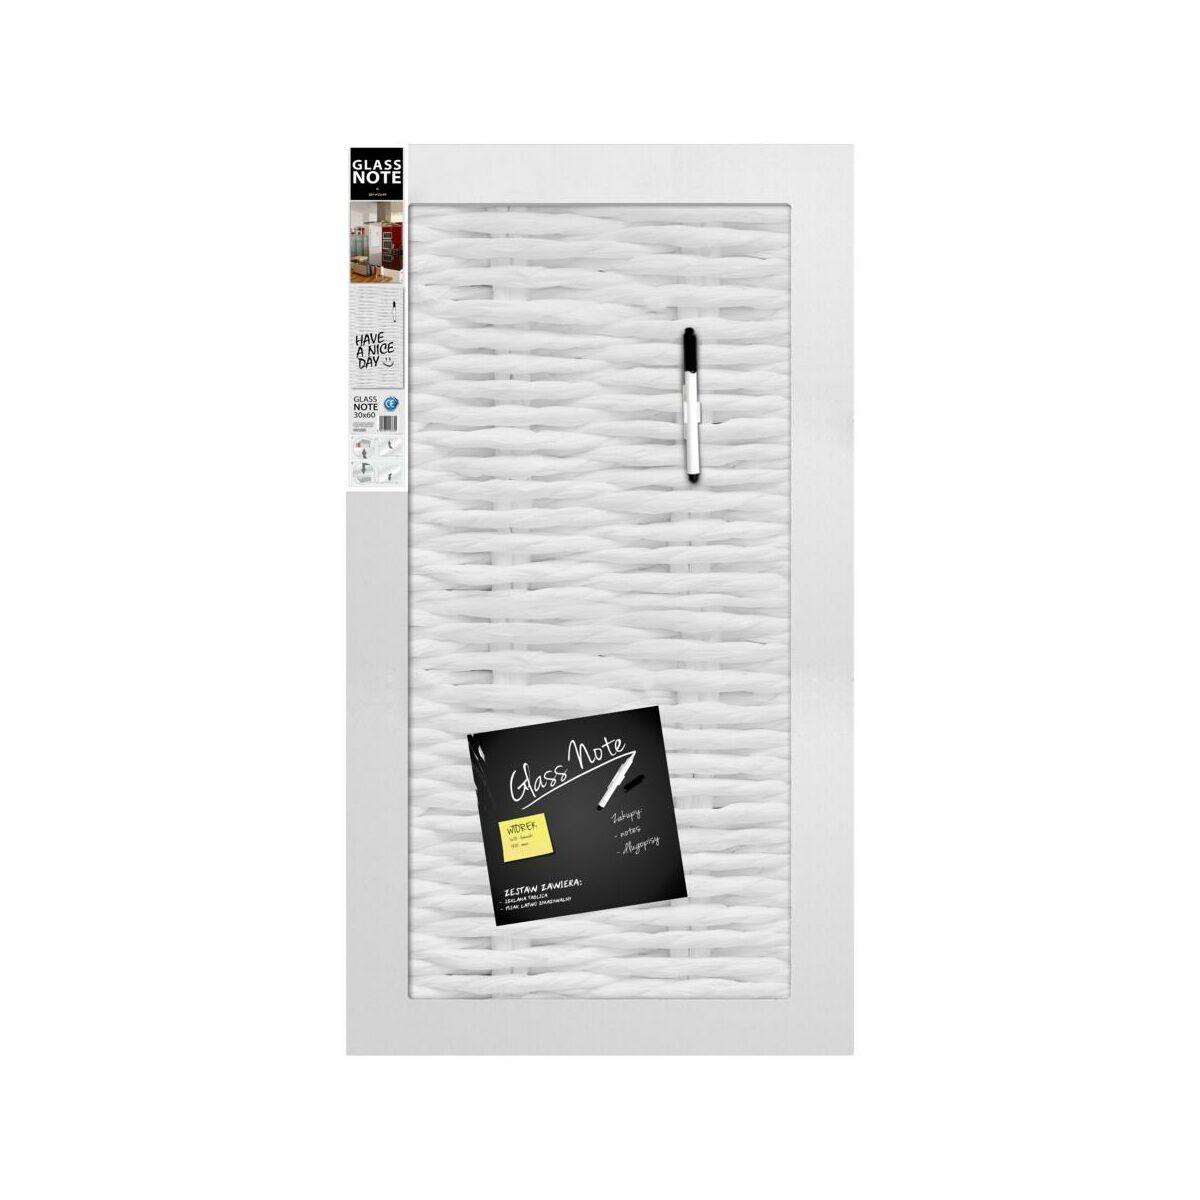 Szklana Tablica Magnetyczna Wicker 30 X 60 Cm Z Pisakiem I Magnesami Tablice Memo I Magnetyczne W Atrakcyjnej Cenie W Sklepach Leroy Merlin